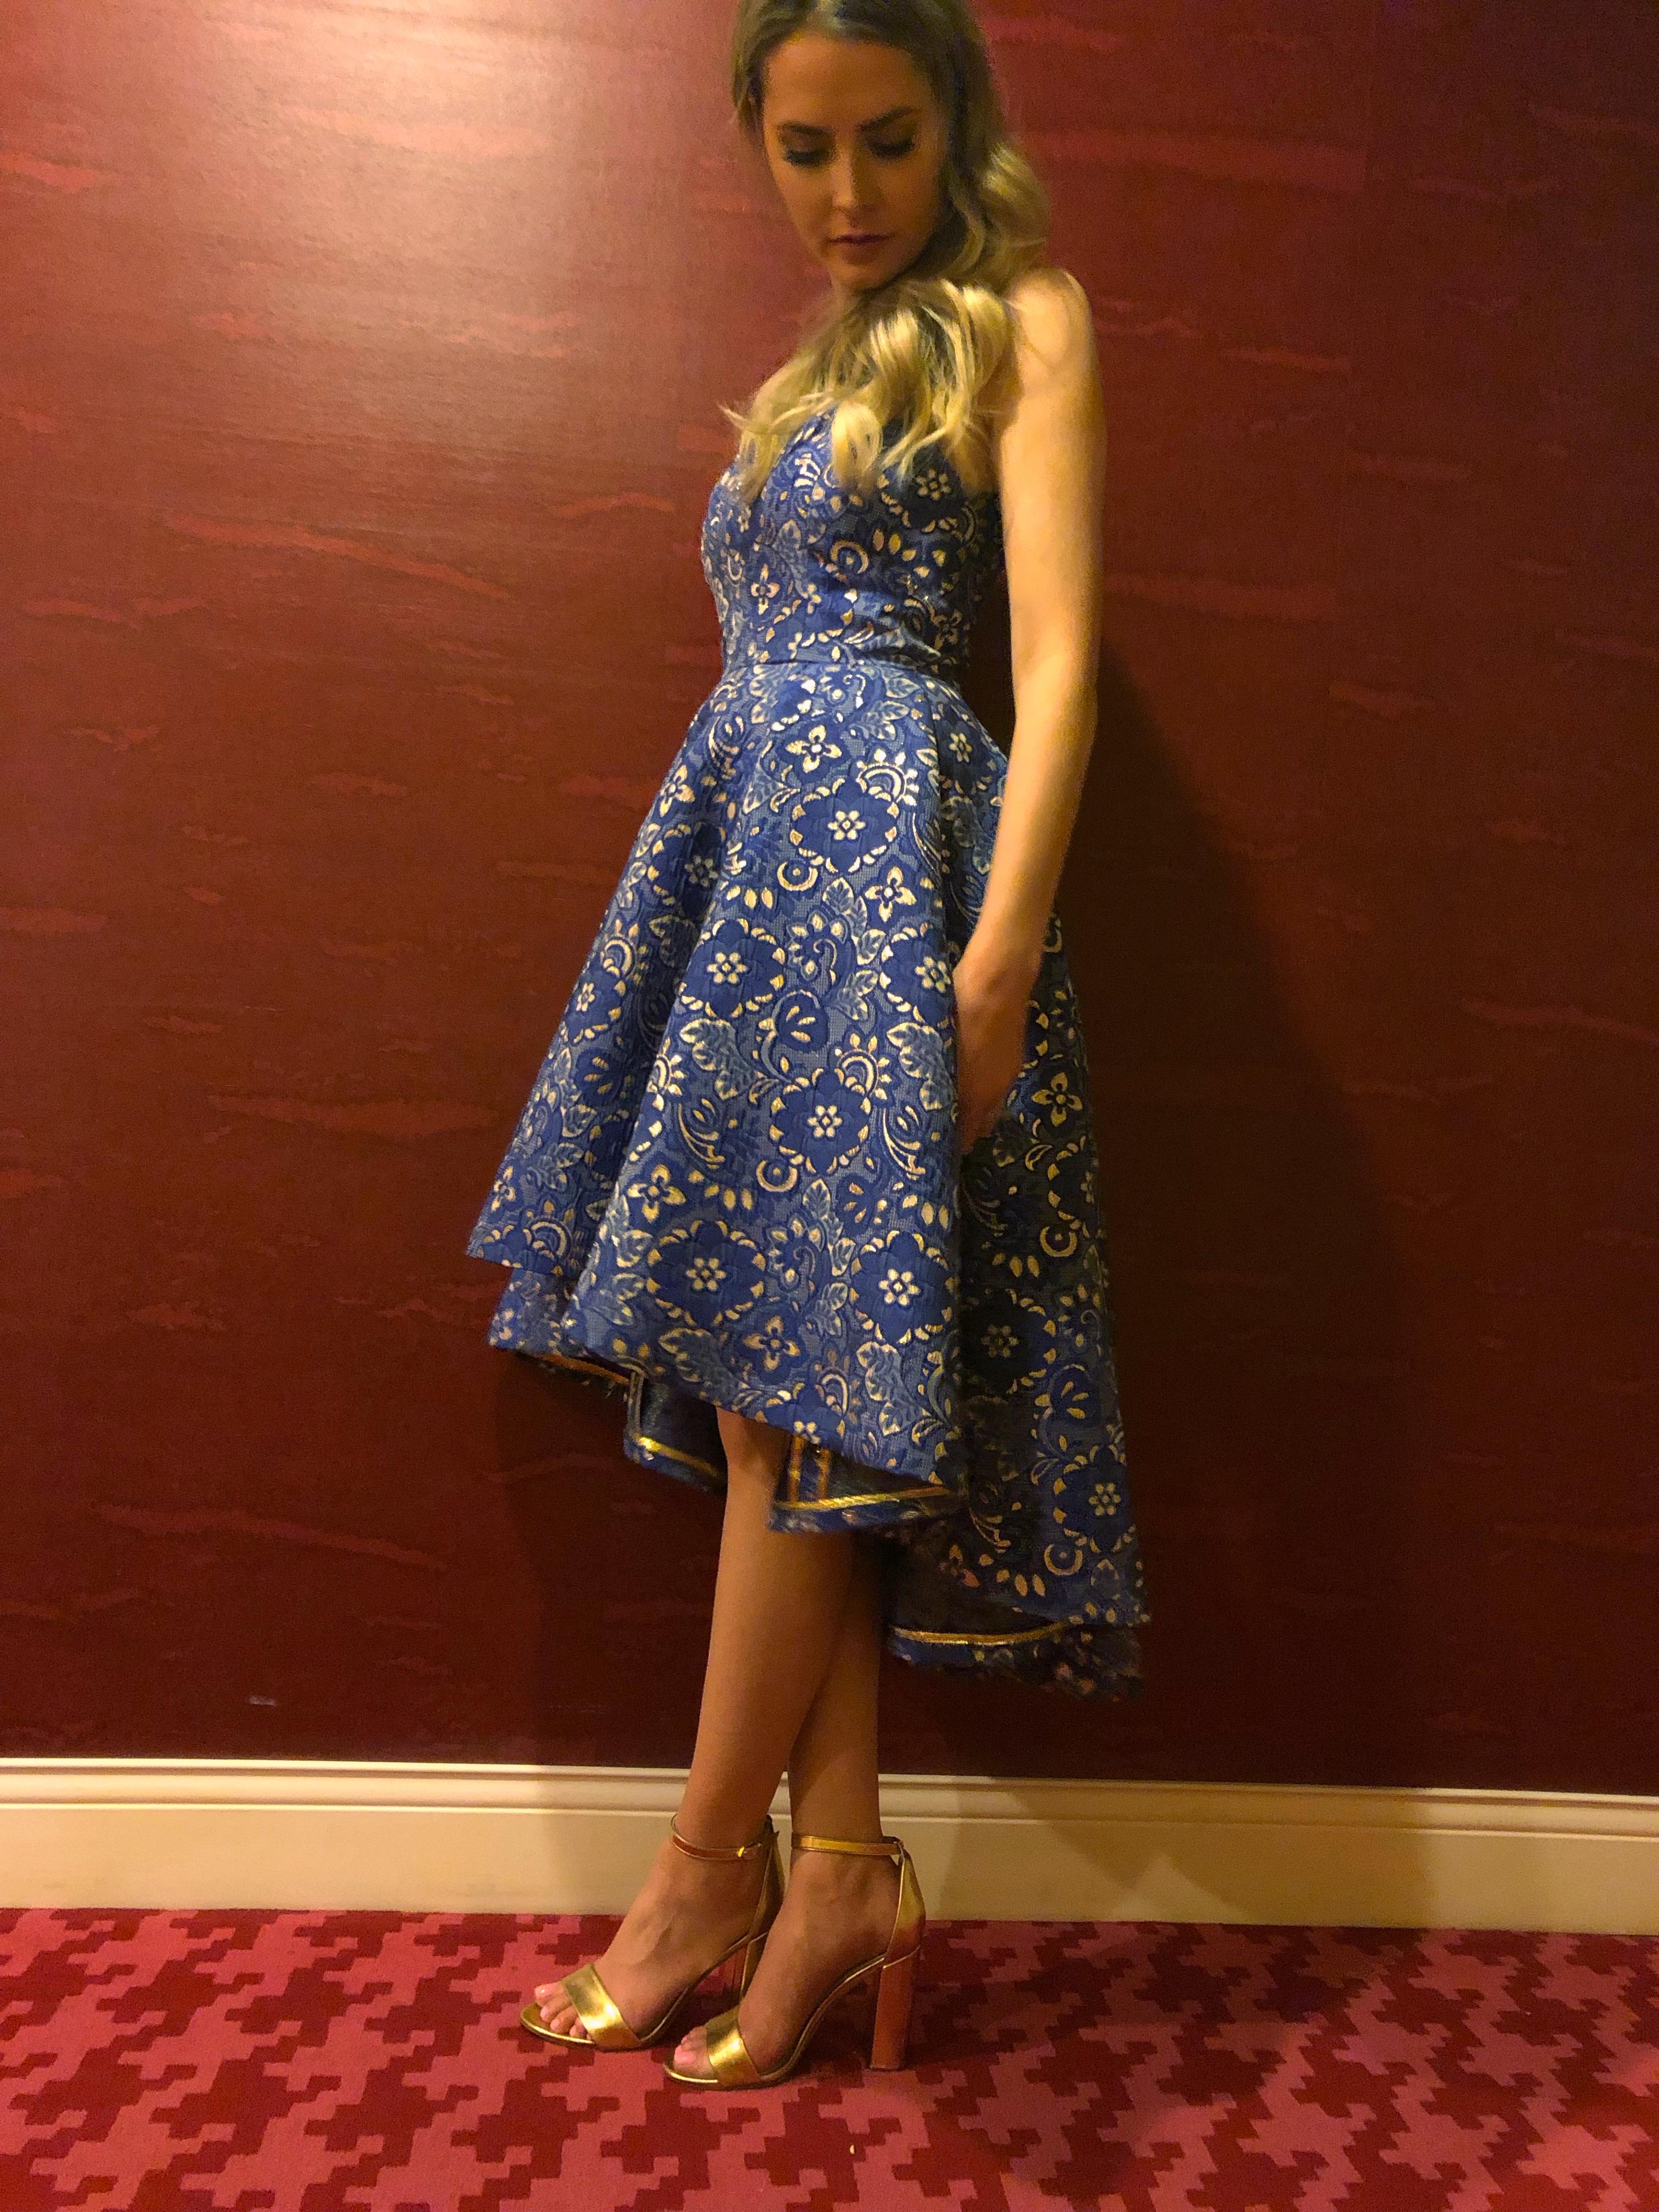 Vogue 9252 dress with hong kong seams